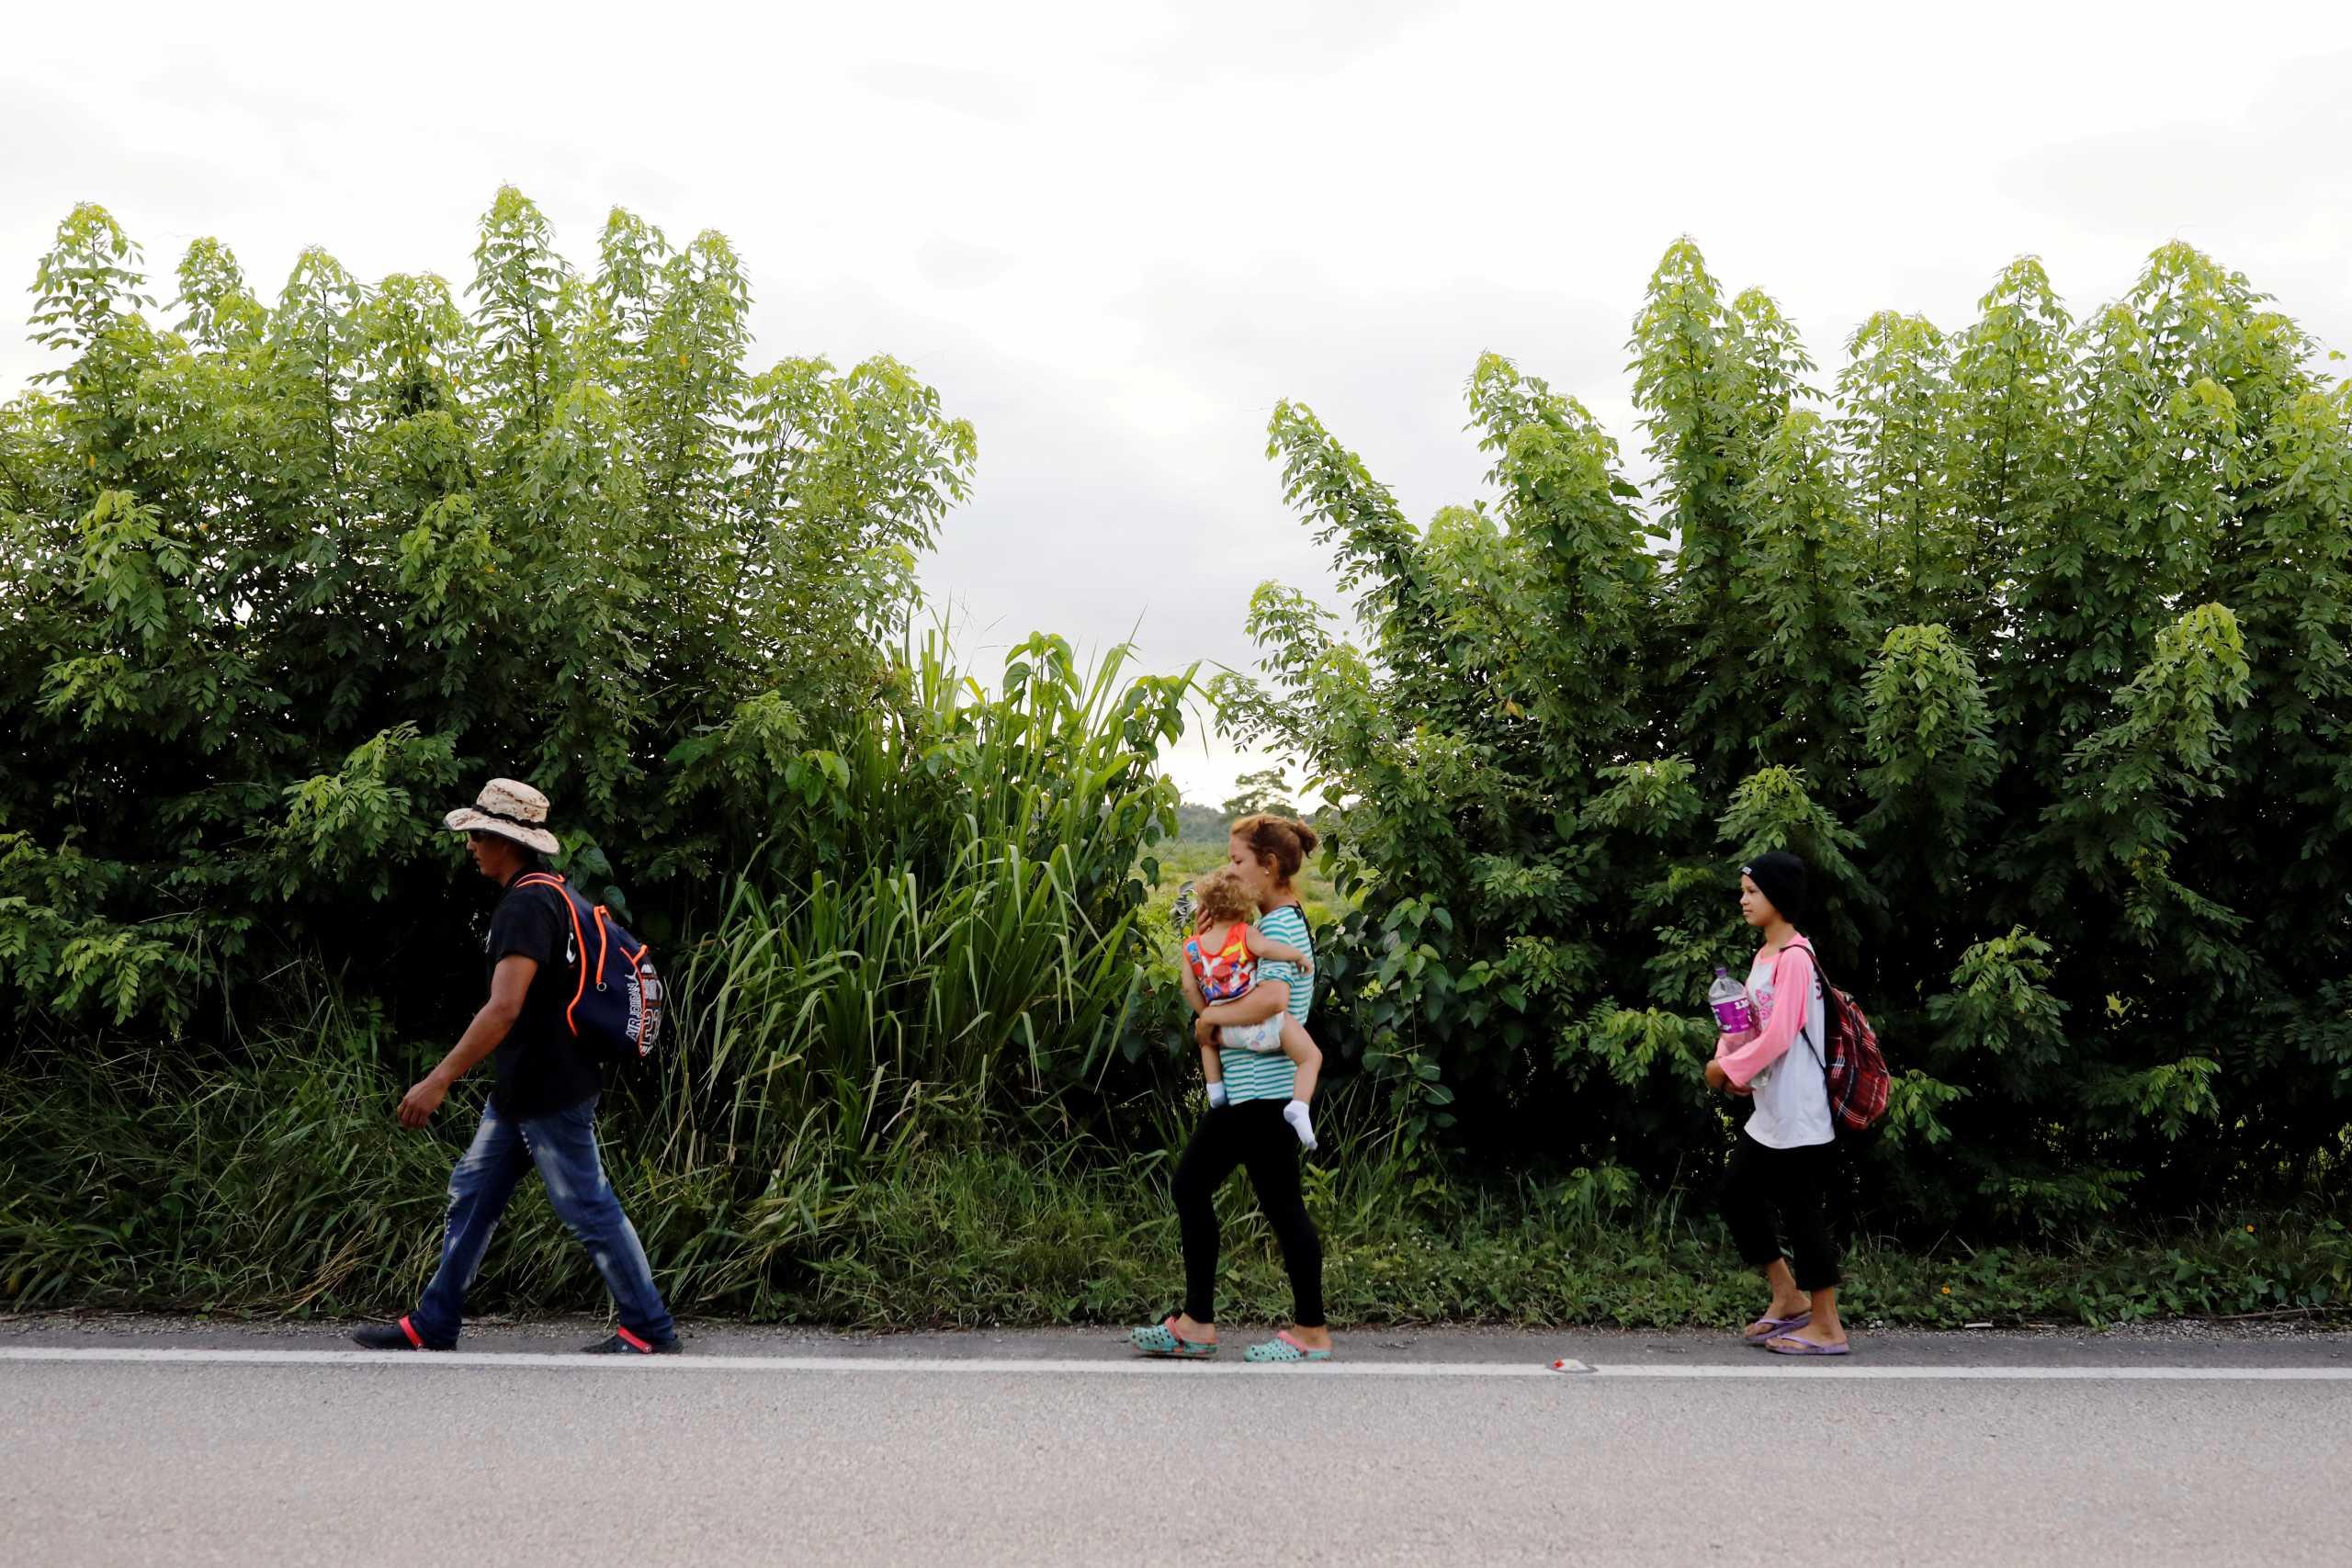 «Τα σύνορα με το Μεξικό δεν είναι ανοιχτά» λέει η κυβέρνηση Μπάιντεν μετά τις κατηγορίες ότι ευνοεί την εισροή μεταναστών